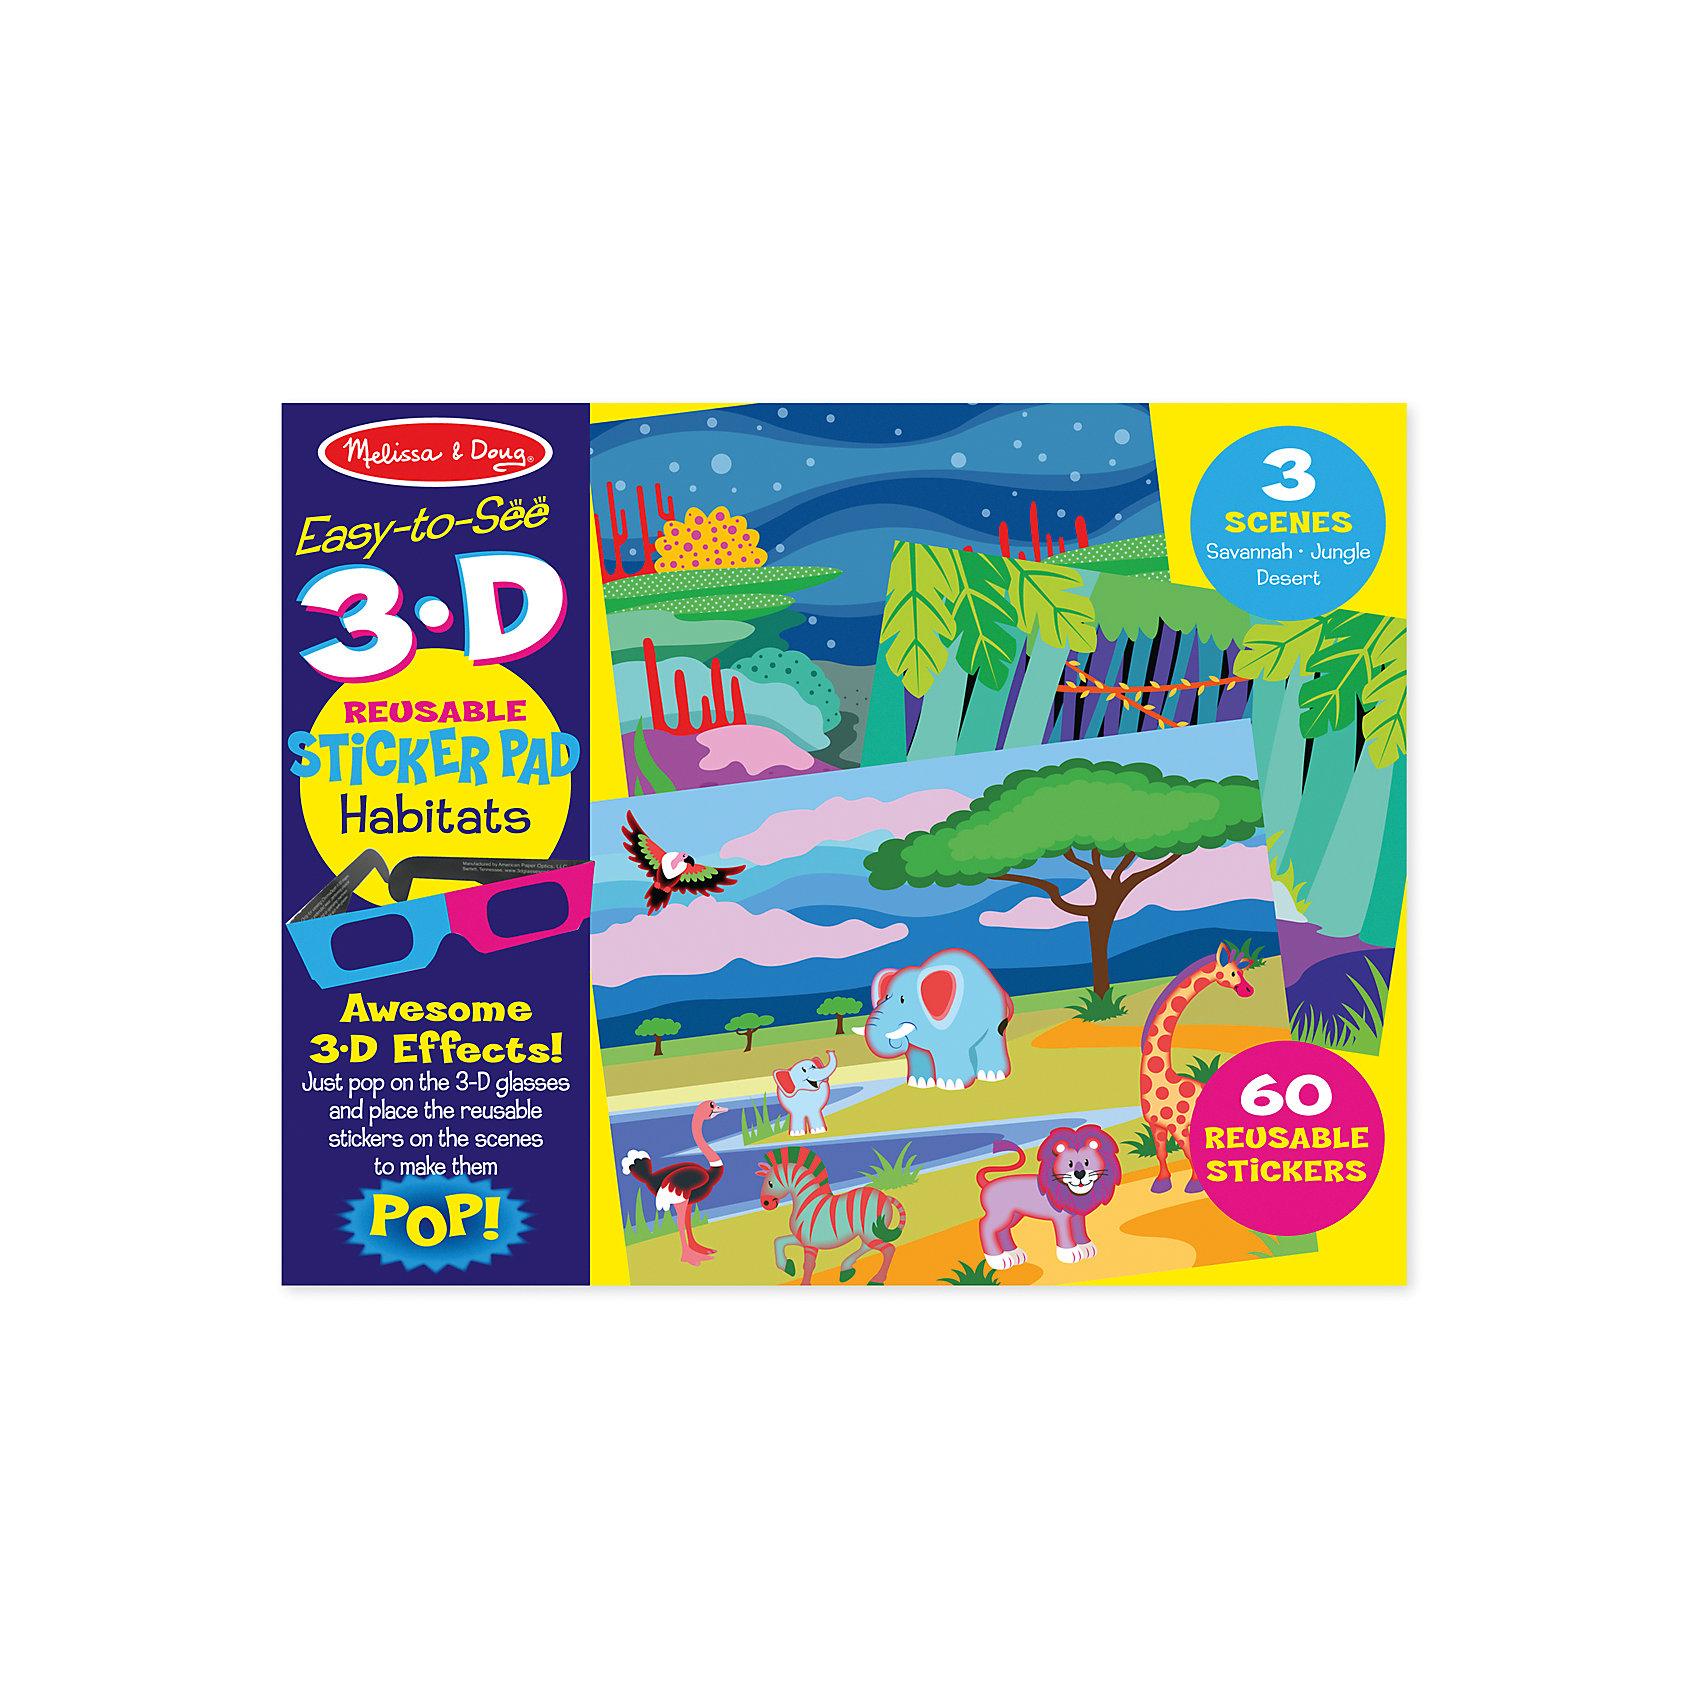 Набор стикеров с 3D-очками Среда обитанияАксессуары для творчества<br>Набор стикеров с 3D-очками Океан, Джунгли, Сафари – это комплект состоящий из трех сцен  и 109 многоразовых наклеек, здесь есть увлекательные стикеры дикой саванны, дремучих джунглей и открытого океана, а чтобы приключение вашего ребенка было более завораживающим в комплекте идут 3D- очки, с помощью них, он сможет увидеть потрясающие 3D-эффекты, а благодаря тому, что стикеры многоразовые ваш малыш сможет фантазировать, создавать  и познавать этот чудесный мир сколько ему угодно!<br><br>Дополнительная информация: <br><br>-Комплектация:  3 сцены (Океан, Джунгли, Сафари), 109 многоразовых наклеек, фон, анаглифные 3D-очки.<br>-Размер упаковки: 36х1х28 см<br>-Вес в упаковке: 295 г<br><br>Такой набор отлично тренирует логику и мелкую моторику, а так же развивает творческие навыки и художественное восприятие ребенка.<br><br>Набор стикеров с 3D-очками Приключения  можно купить в нашем магазине.<br><br>Ширина мм: 360<br>Глубина мм: 10<br>Высота мм: 280<br>Вес г: 295<br>Возраст от месяцев: 48<br>Возраст до месяцев: 180<br>Пол: Унисекс<br>Возраст: Детский<br>SKU: 4720642